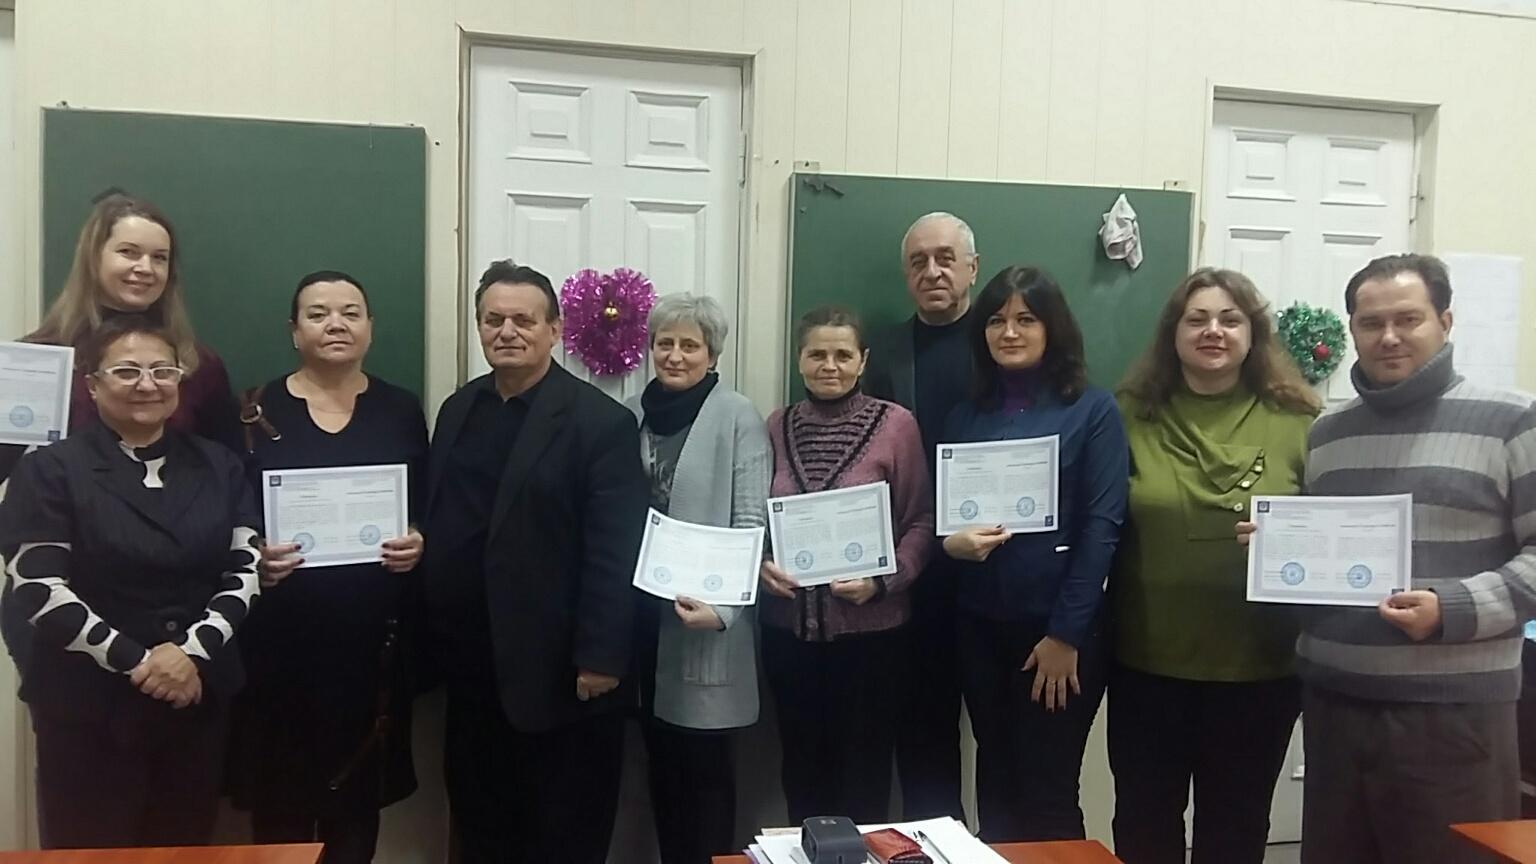 Відбувся перший випуск вчителів і викладачів географії, які навчалися на курсах підвищення кваліфікації